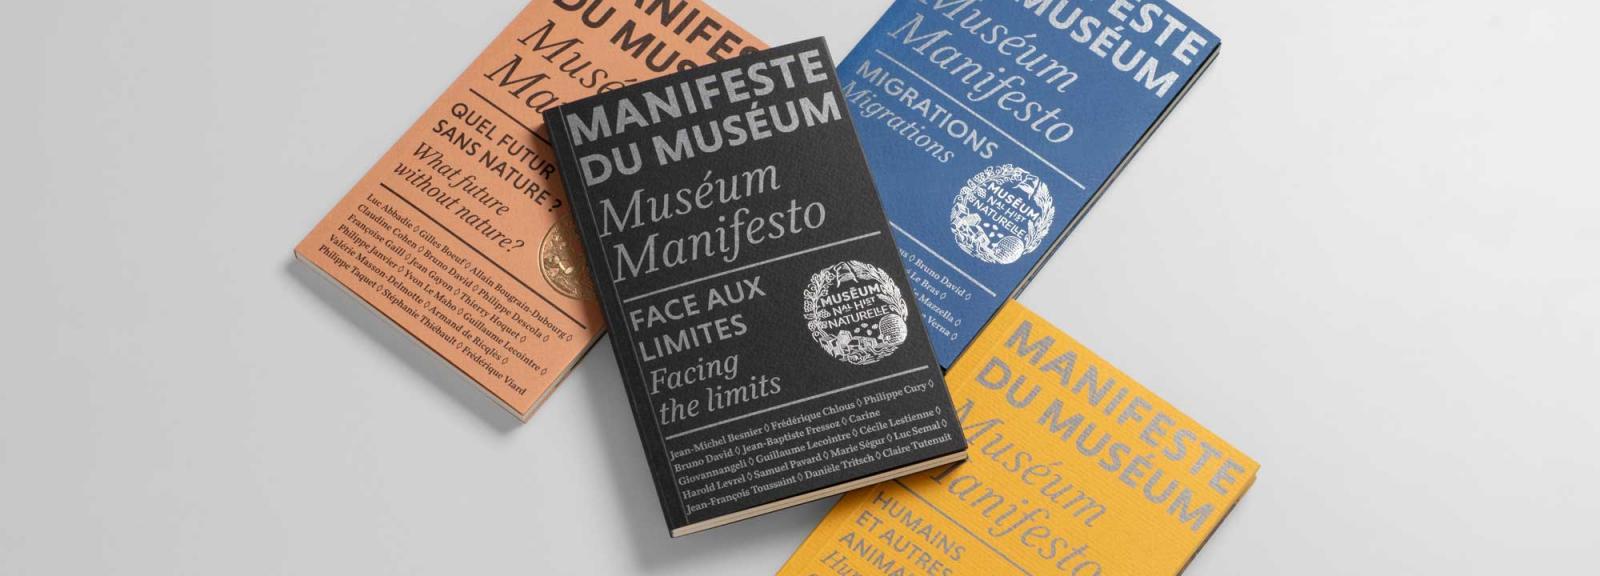 Collection Manifeste du Muséum © Olivier Moritz pour Reliefs